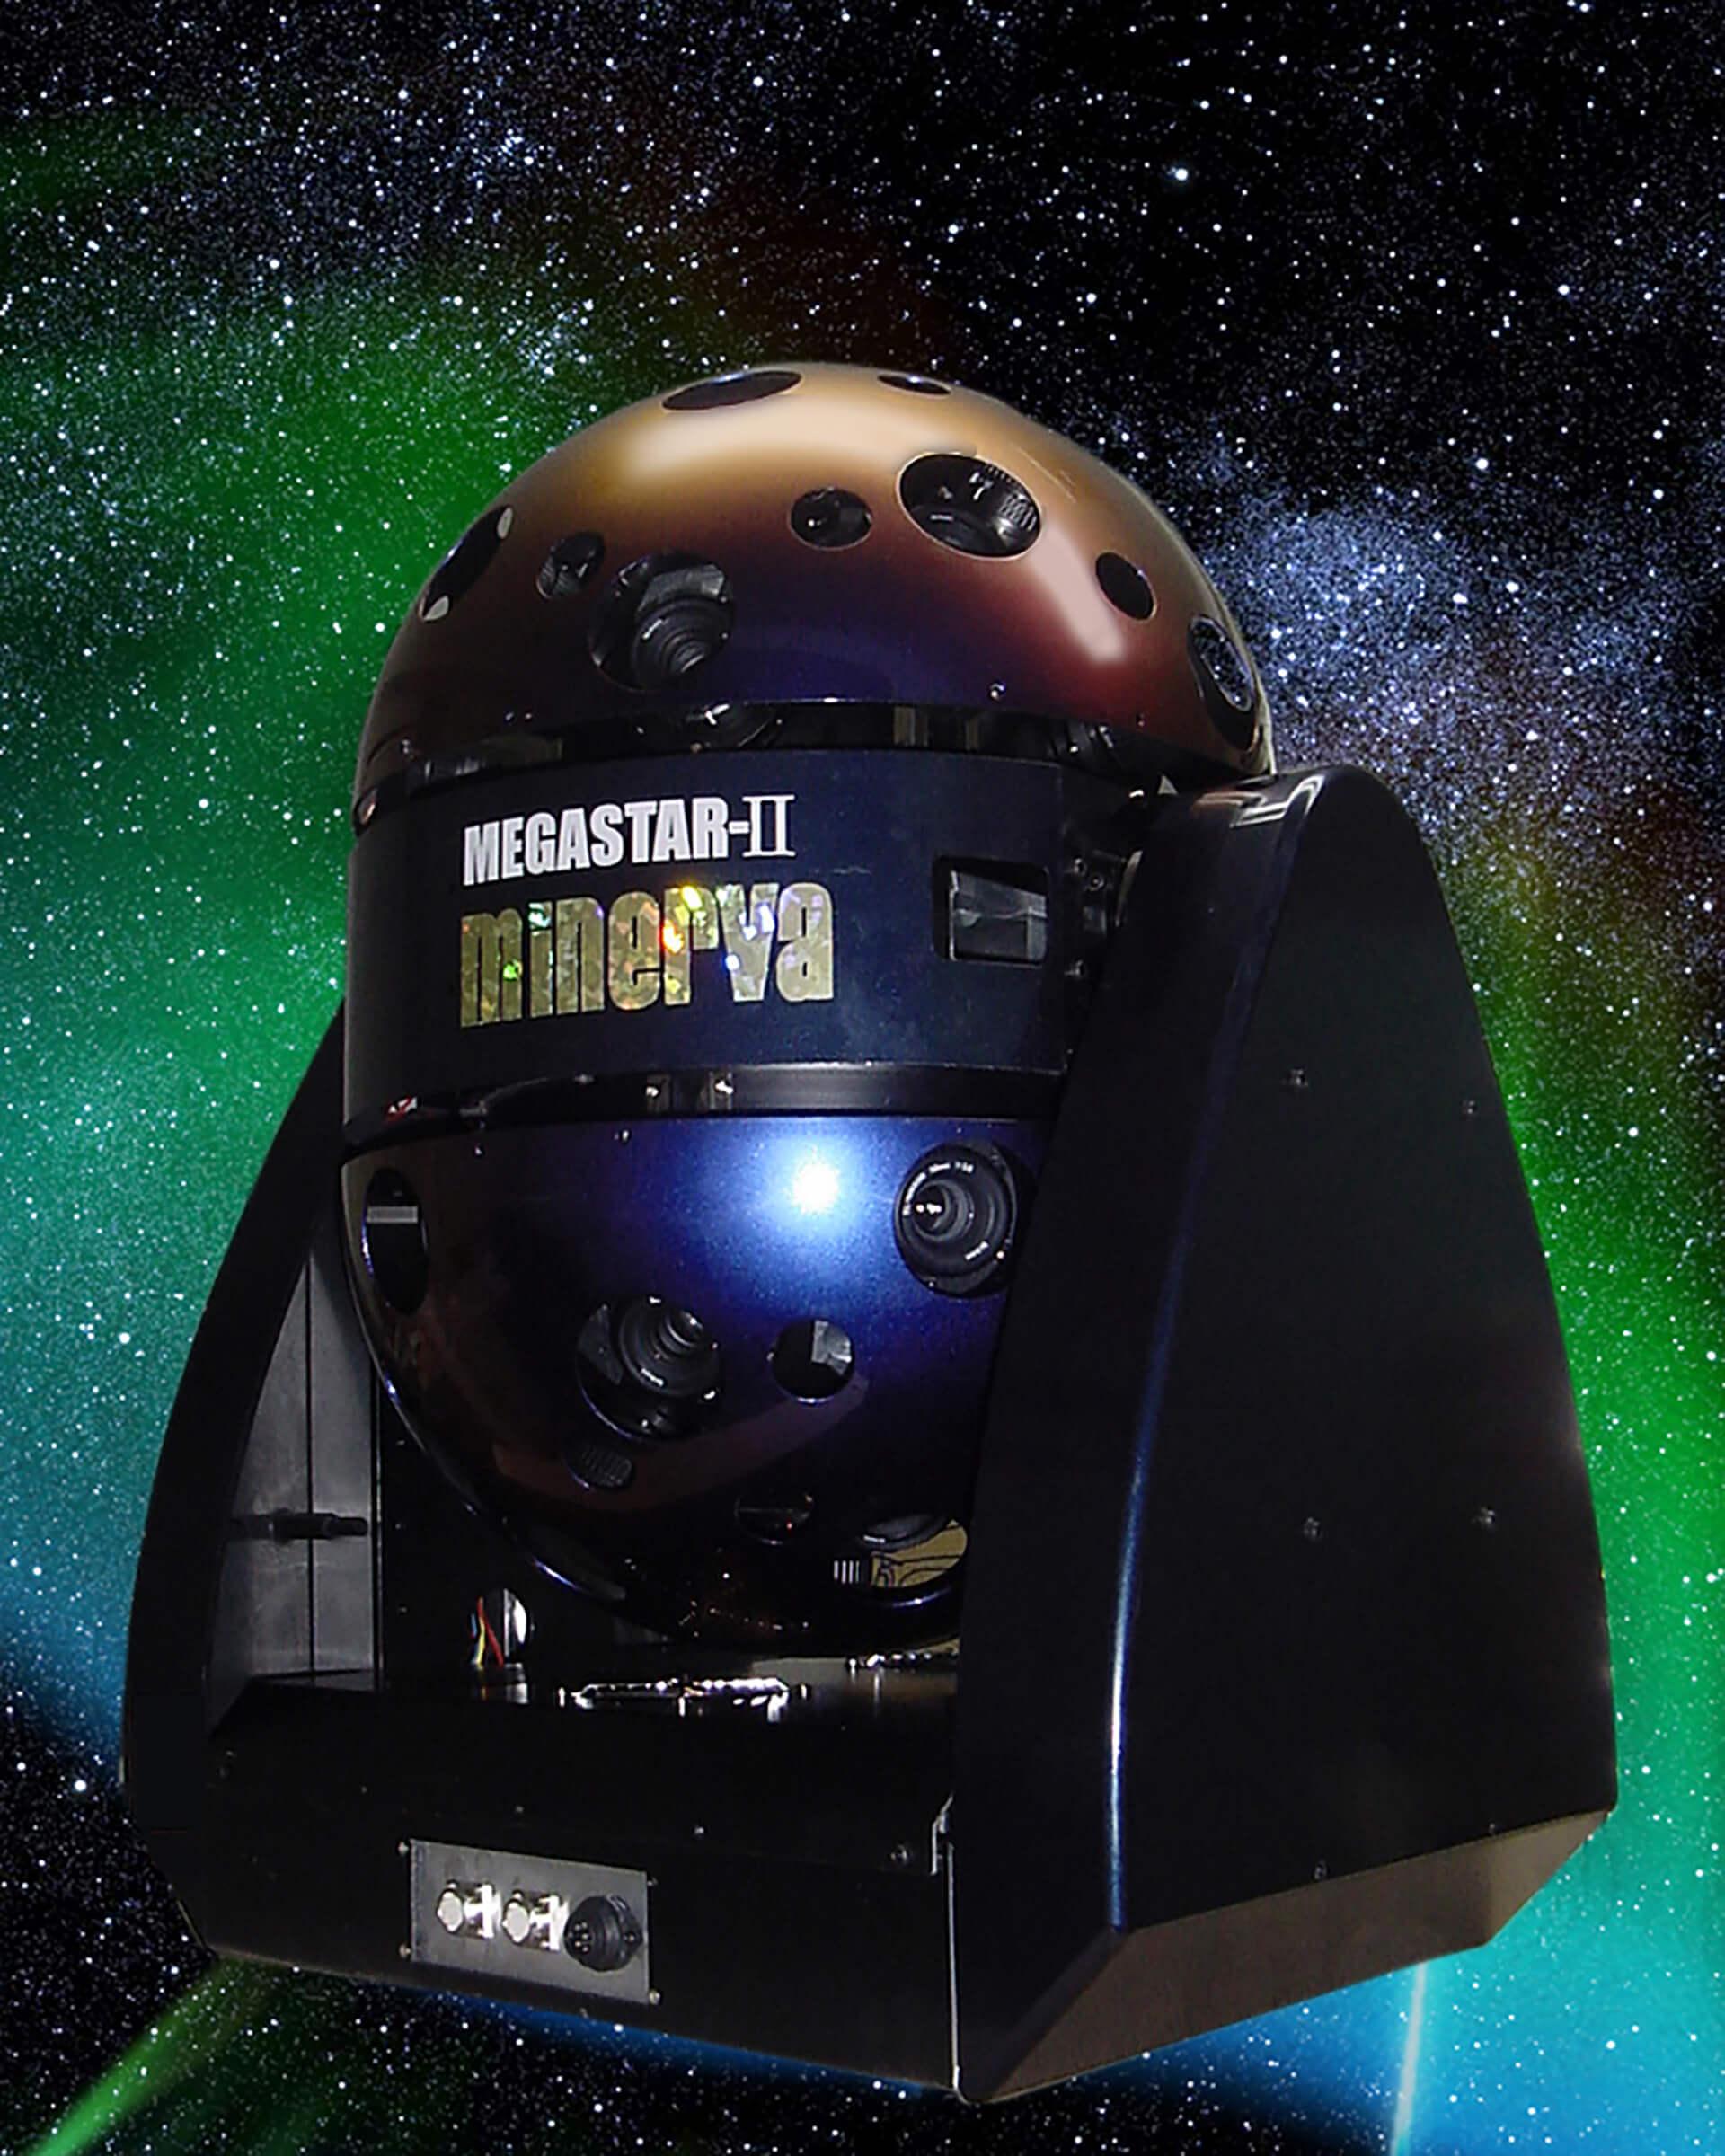 この写真はNordic Sky プラネタリウムスペースのマシンの写真